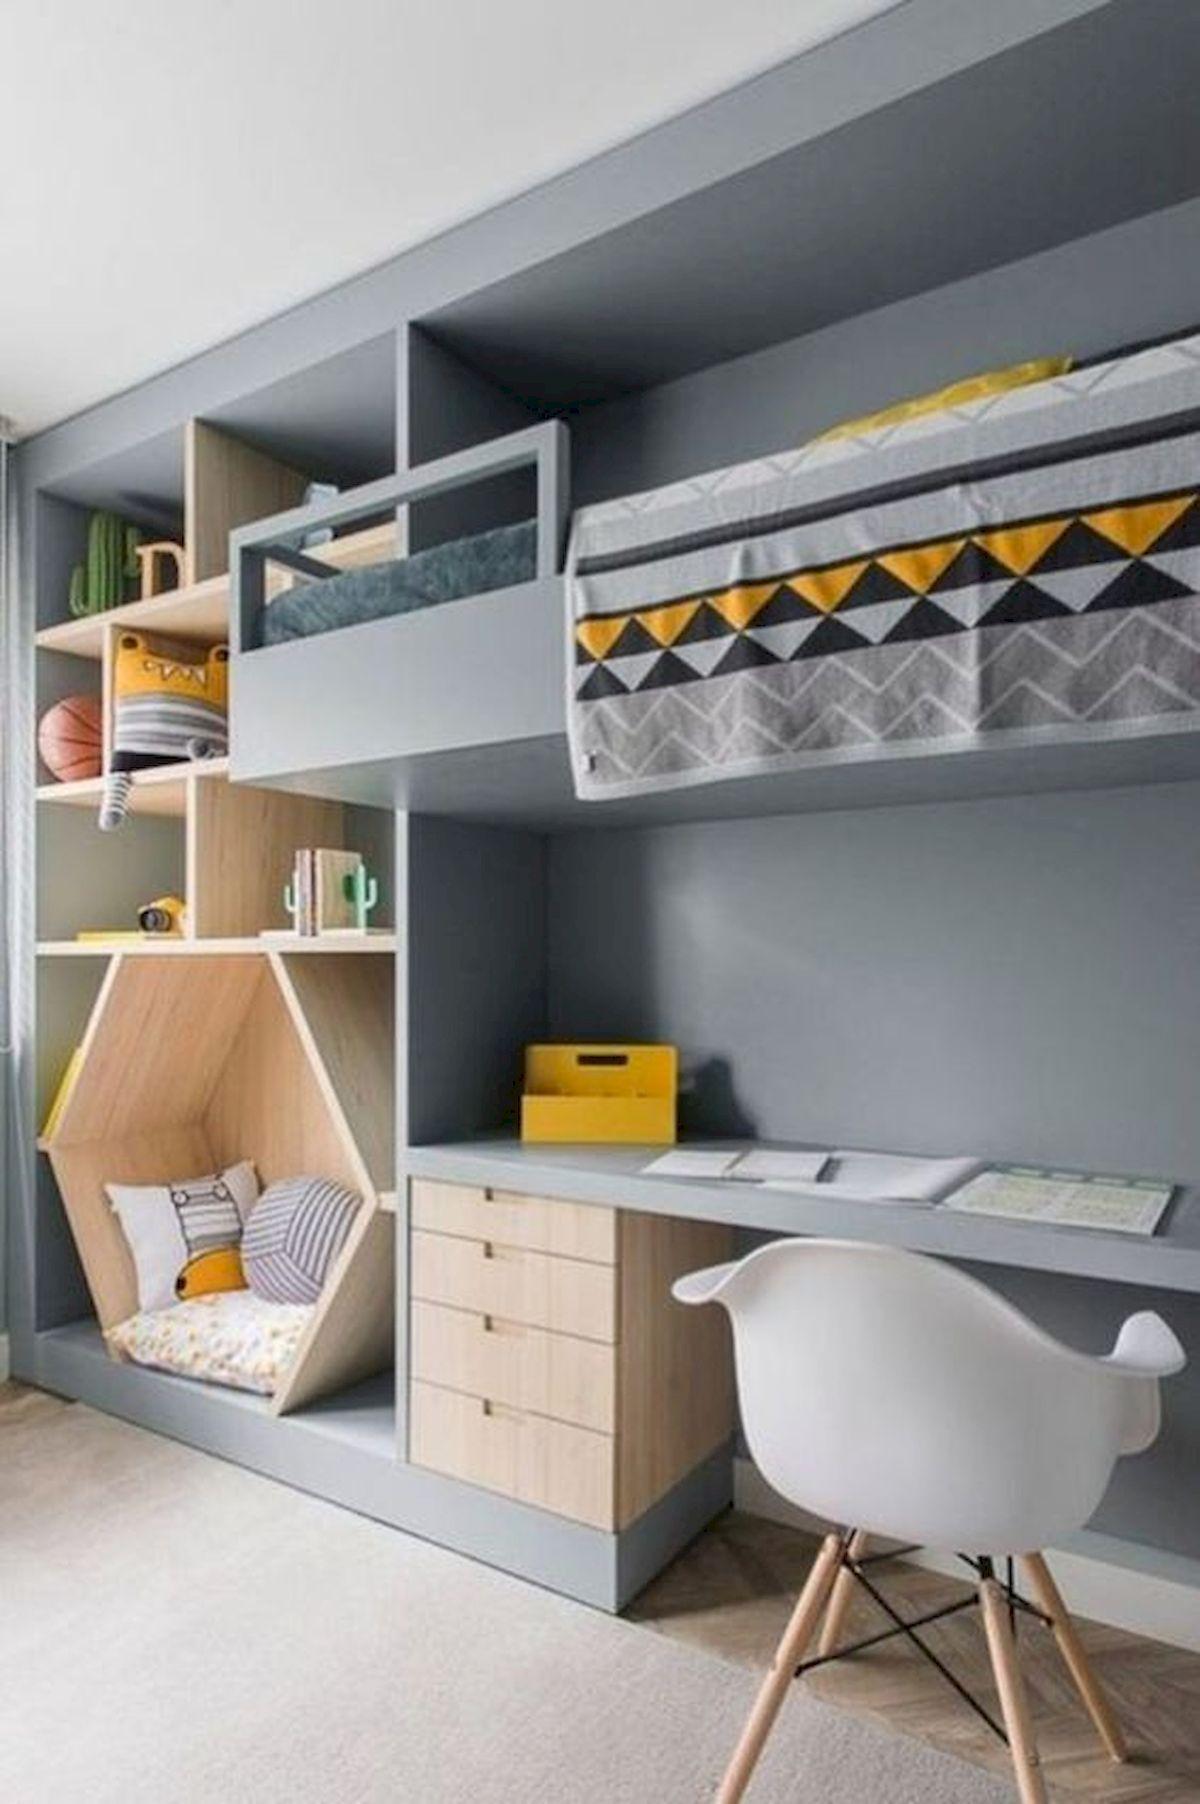 25 Lovely Children Bedroom Design Ideas That Beautiful Bedroom Design Kid Room Decor Room Decor